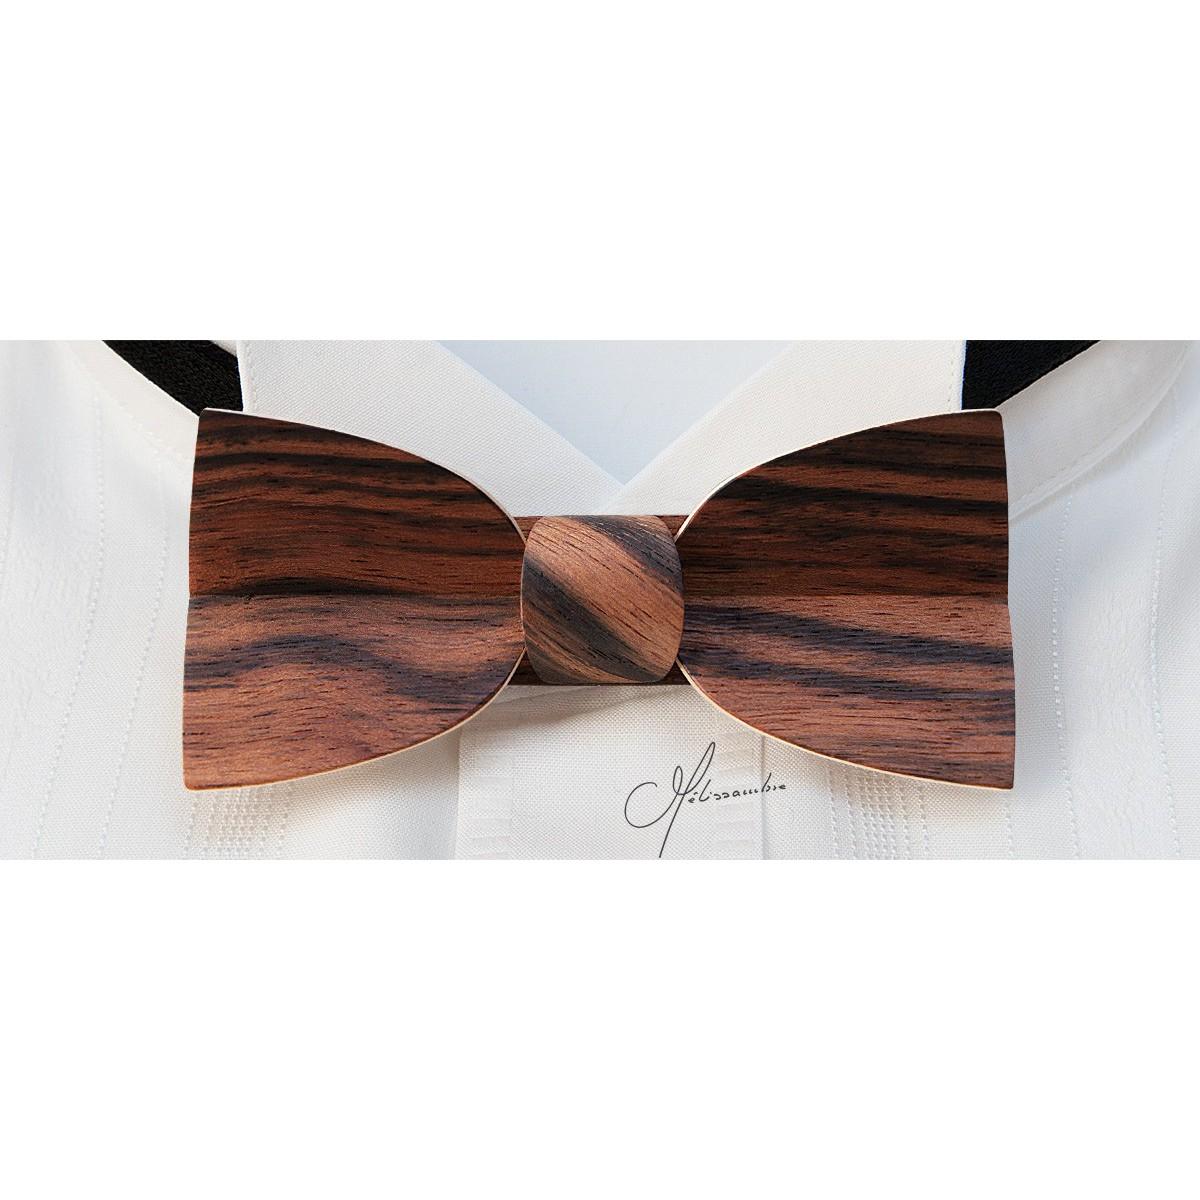 n ud papillon en bois mellissimo en eb ne de macassar melissambre le bois la mode. Black Bedroom Furniture Sets. Home Design Ideas